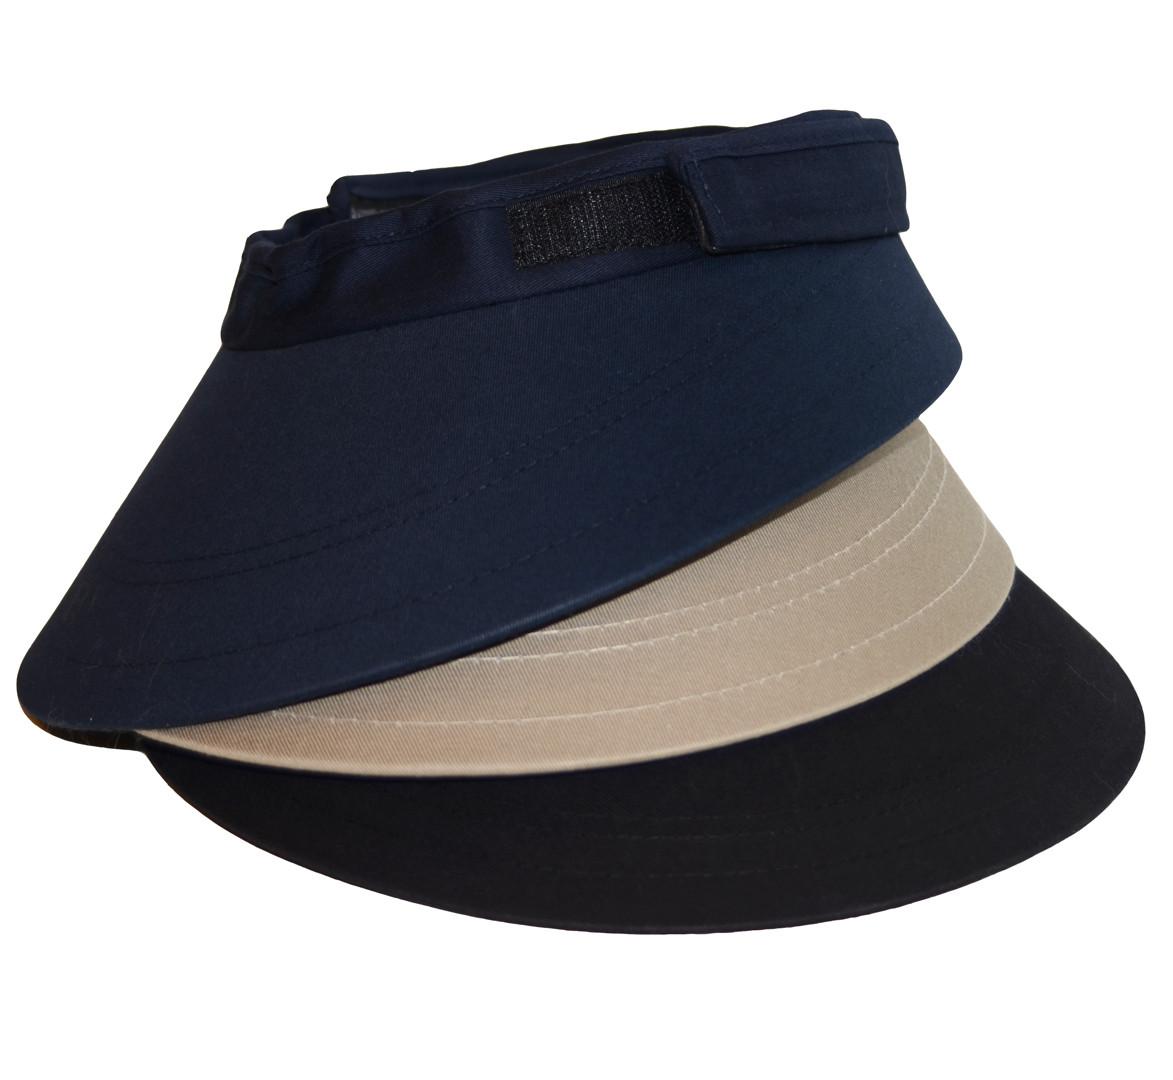 EquiVisor Helmet Visor, Black, Khaki or Navy